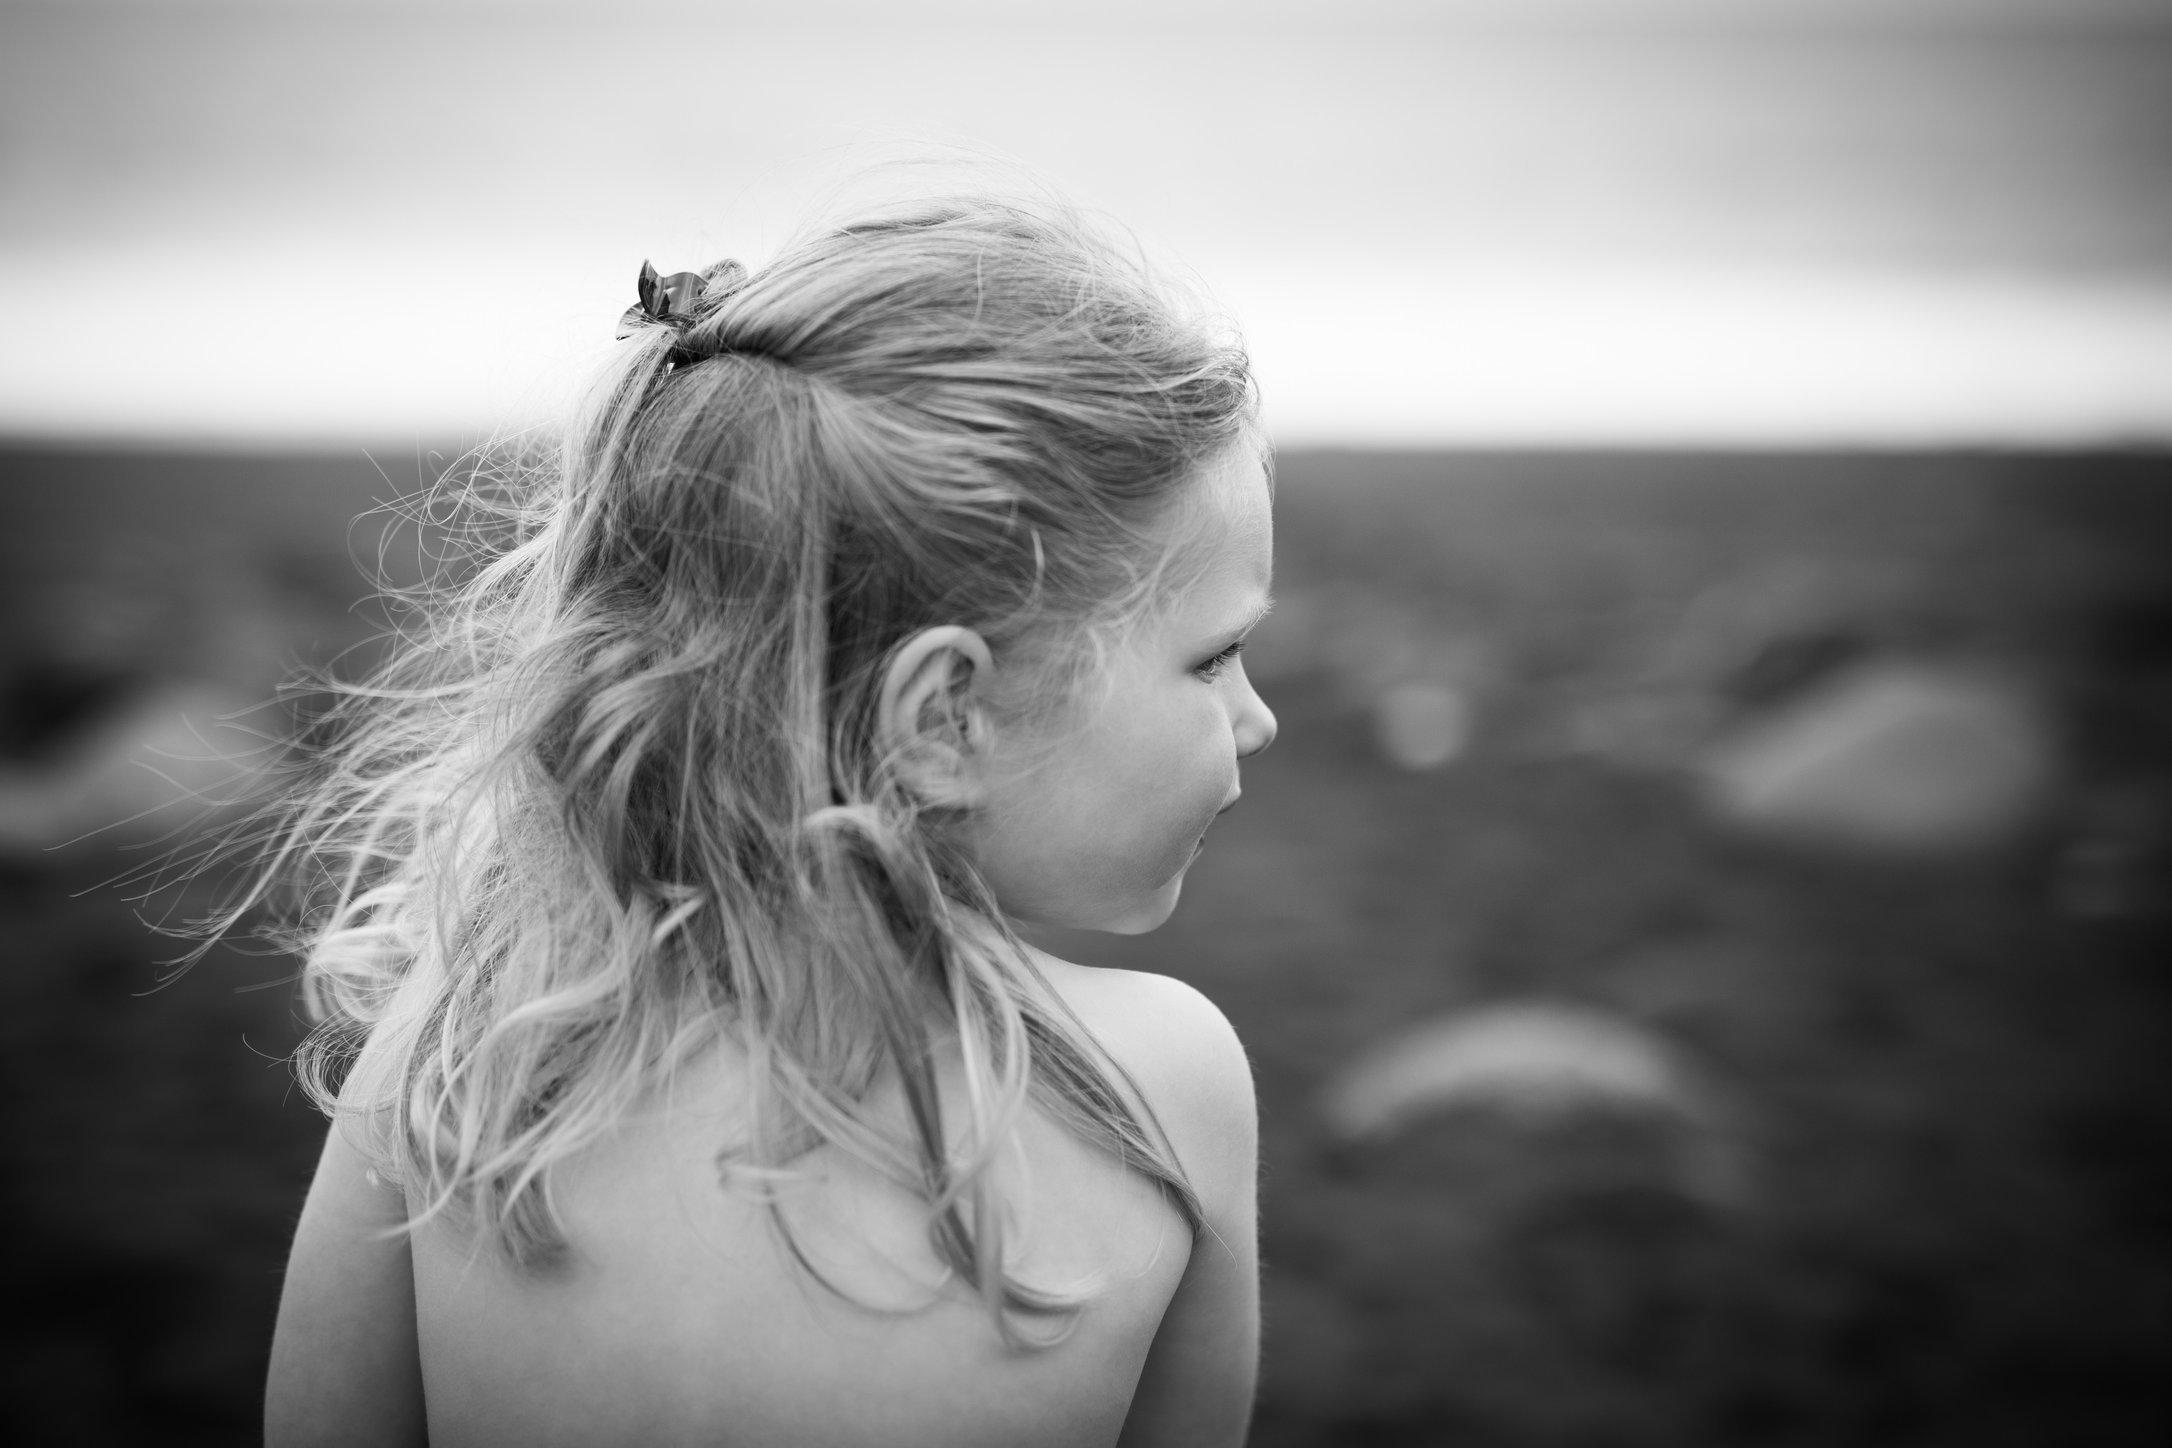 Portretfoto kind op lavastrand opzij kijkend